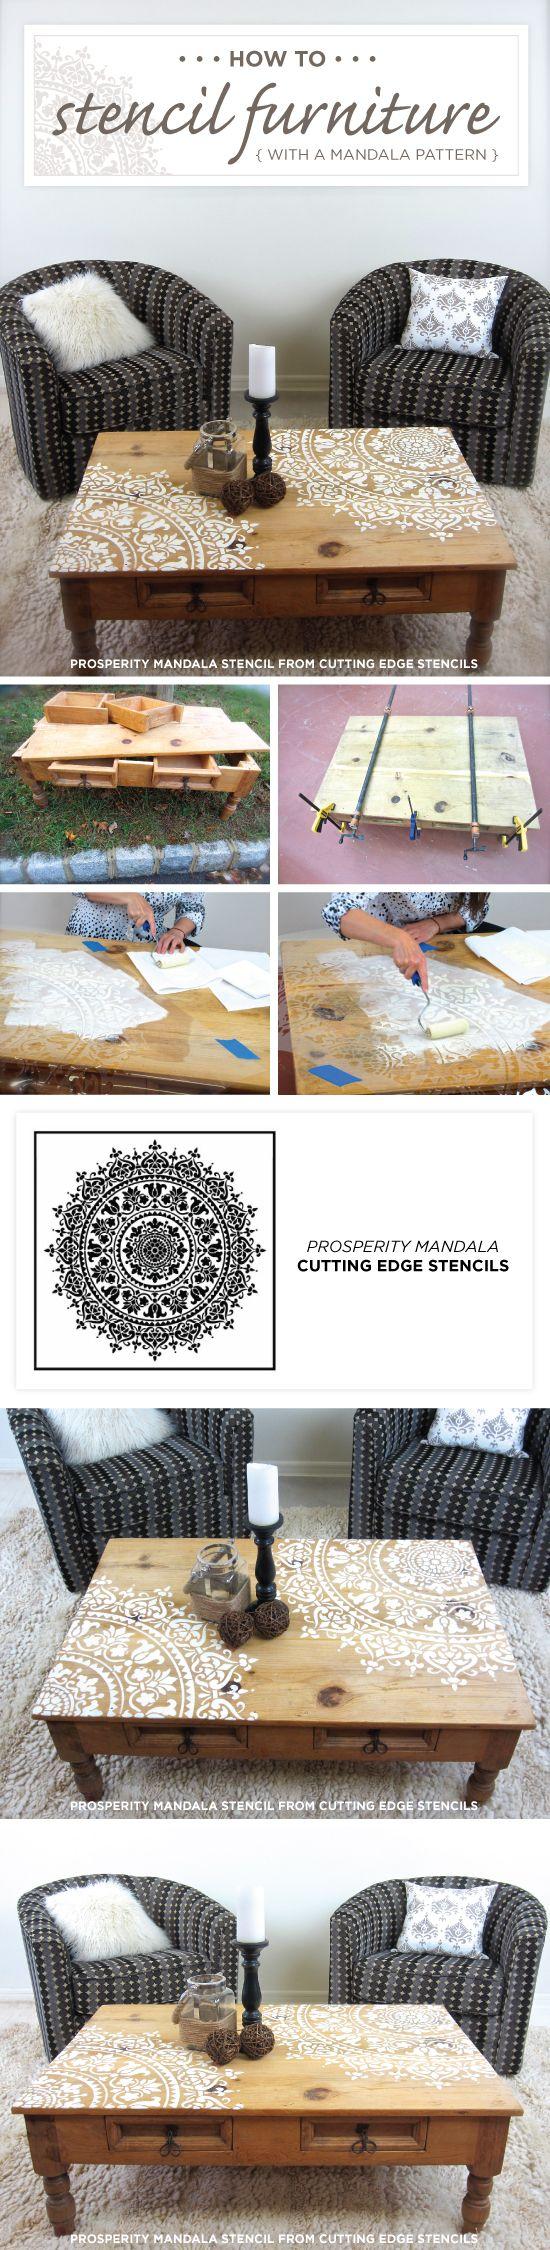 Cutting Edge acciones Plantillas cómo stencil una mesa de madera con el patrón de la prosperidad de la mandala de la plantilla.  http://www.cuttingedgestencils.com/prosperity-mandala-stencil-yoga-mandala-stencils-designs.html